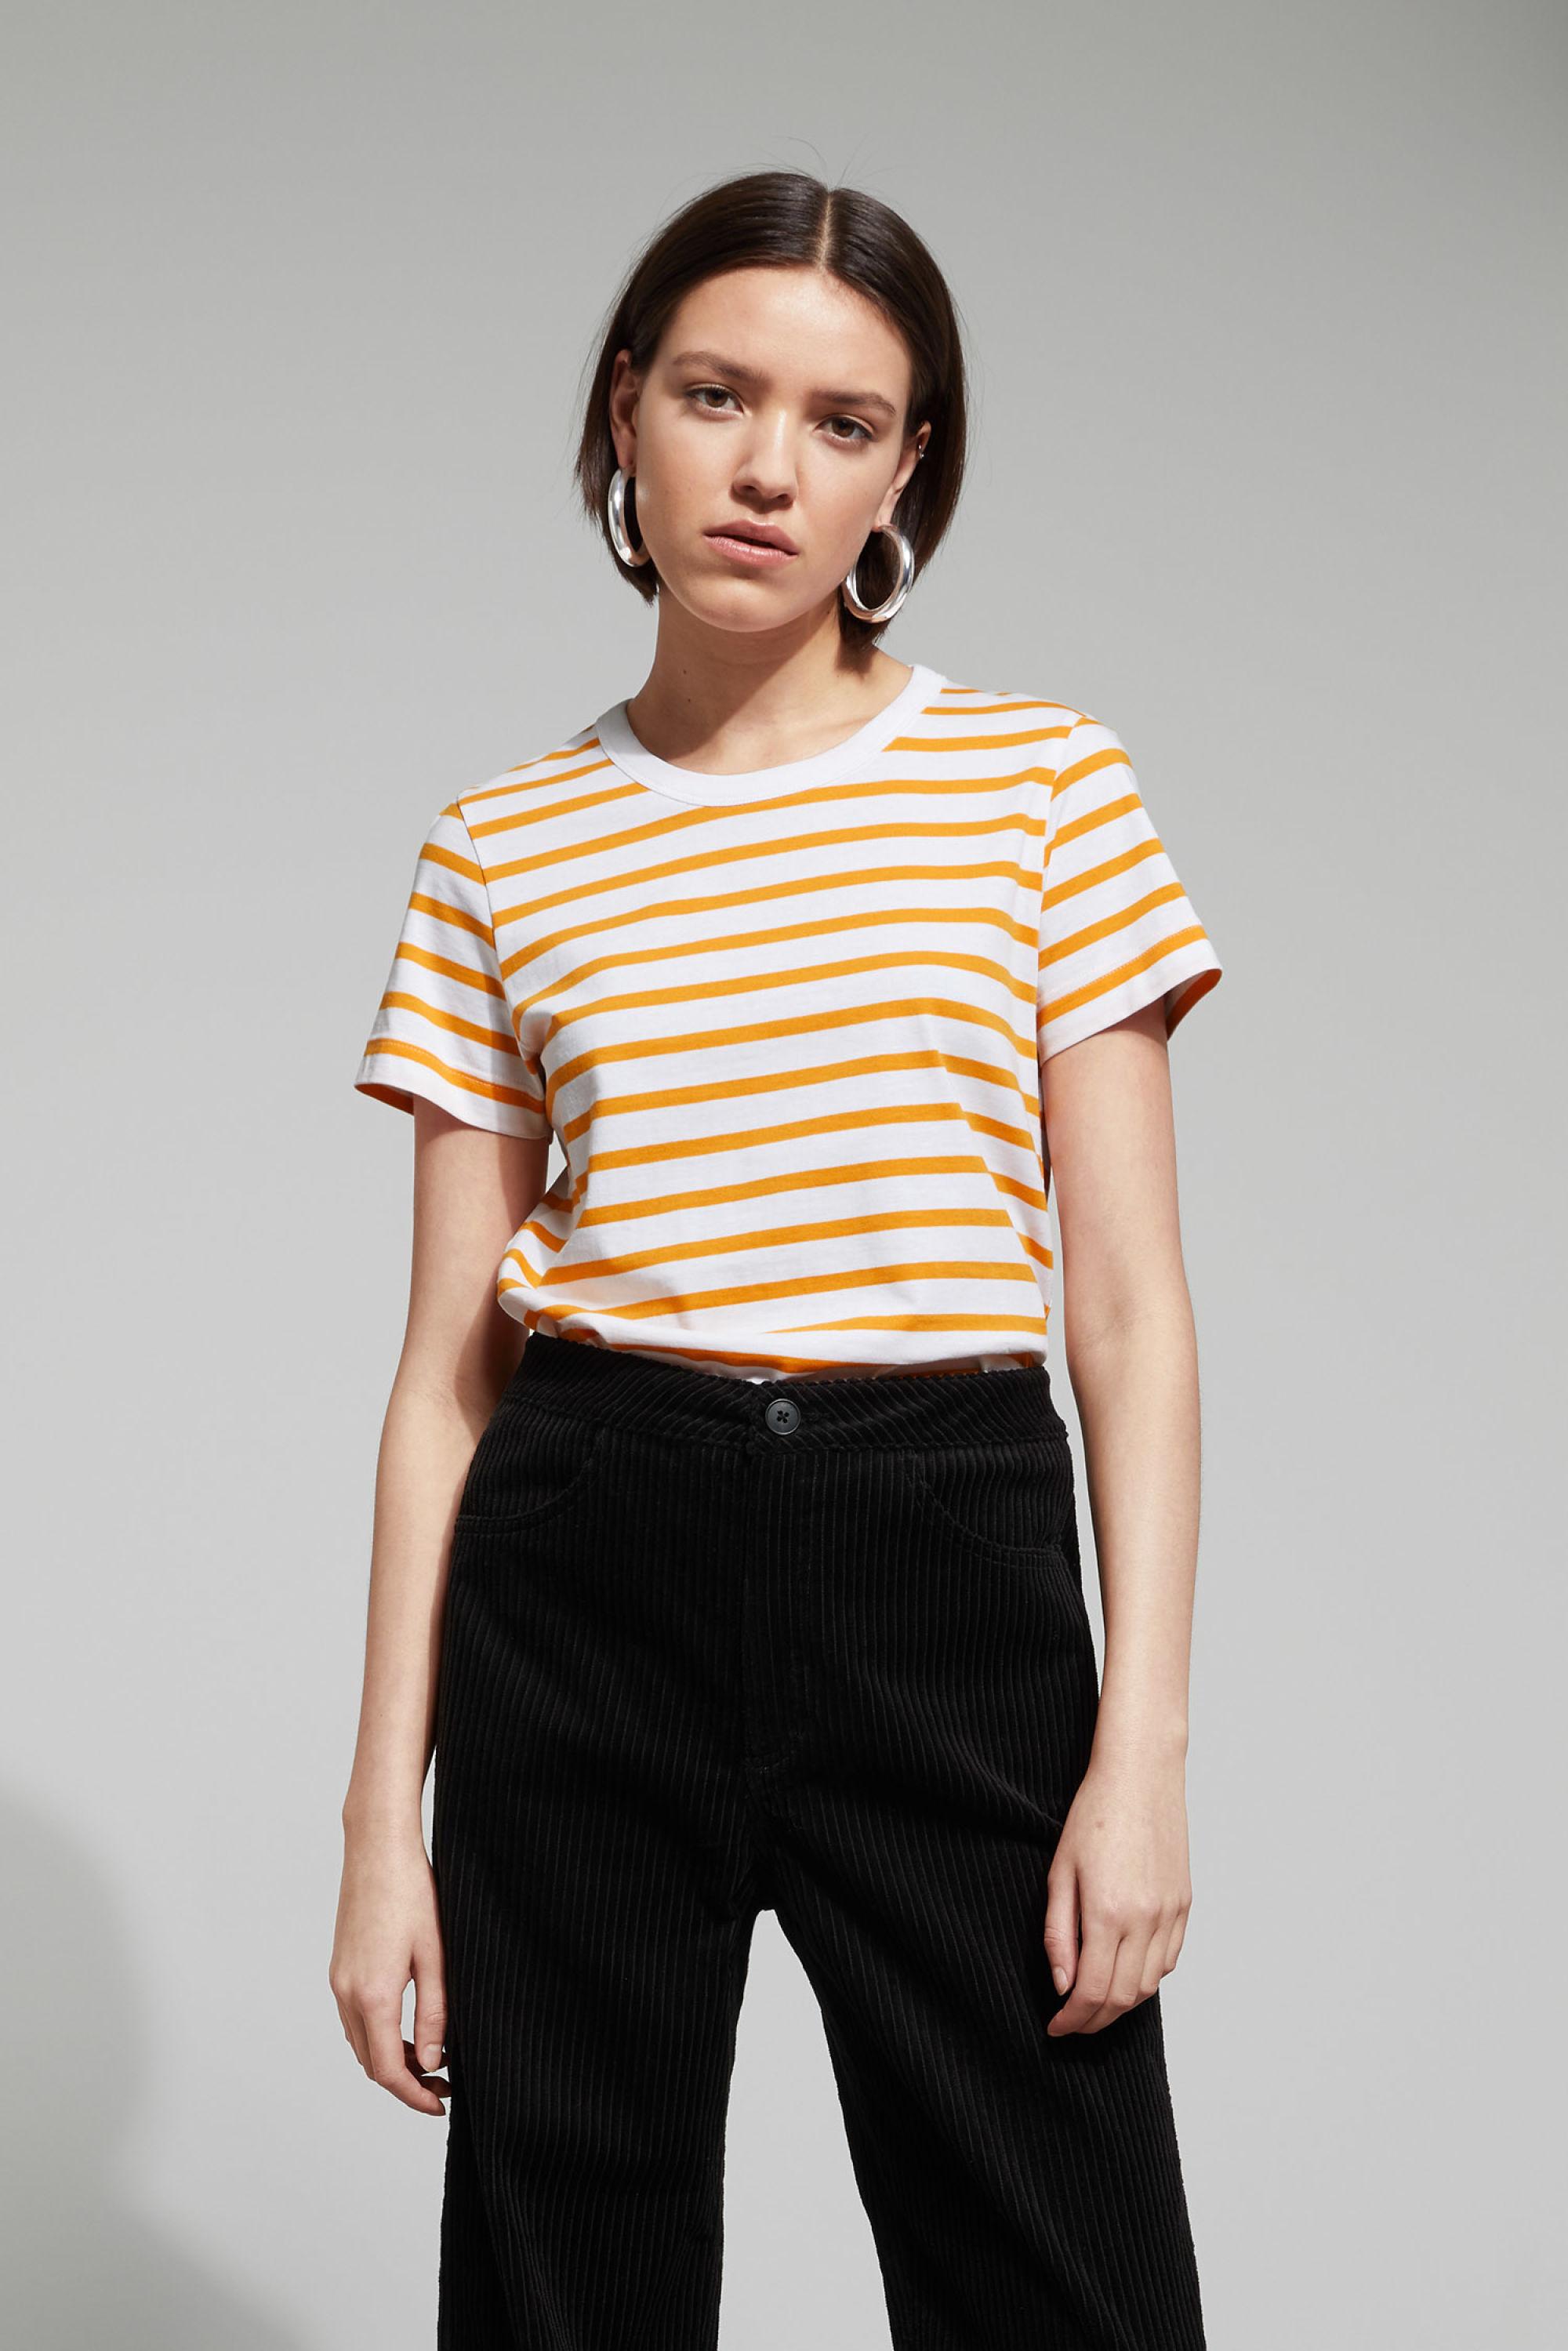 Kate Striped T-shirt